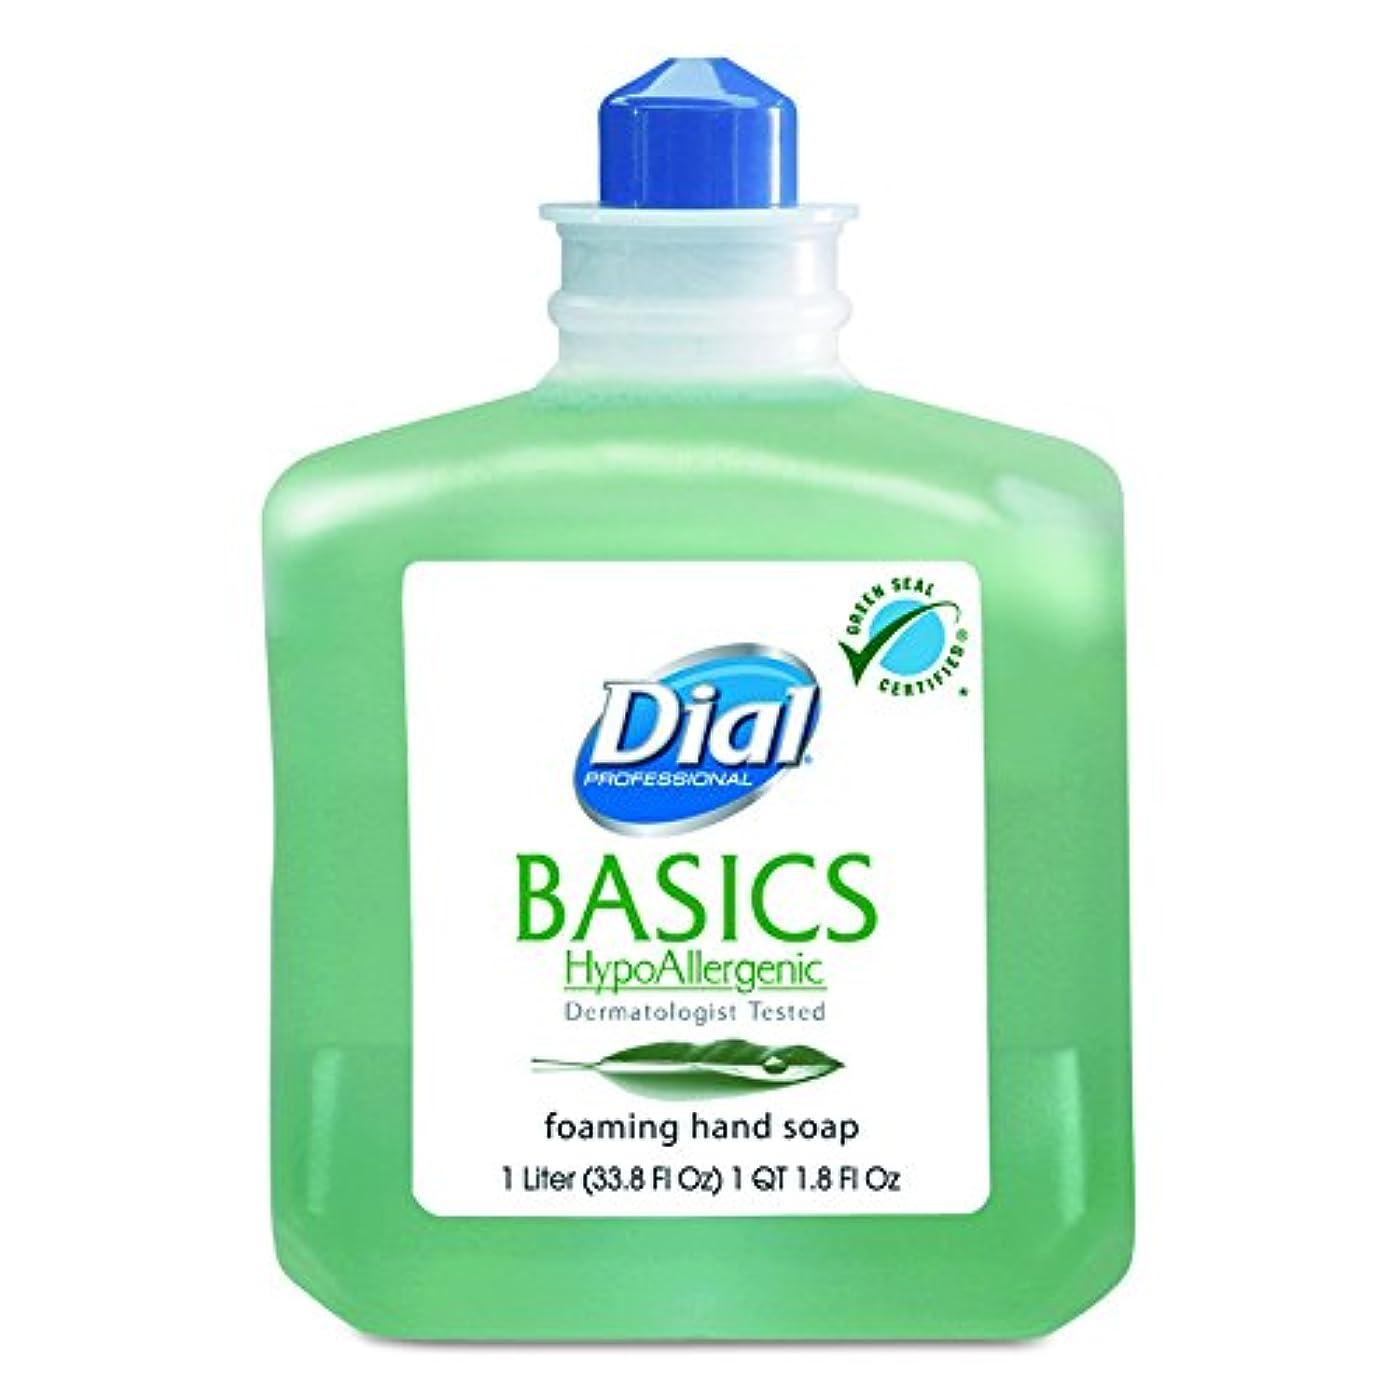 ヘルメットネズミ最大化するBasics Foaming Hand Soap Refill, 1000 mL, Honeysuckle (並行輸入品)